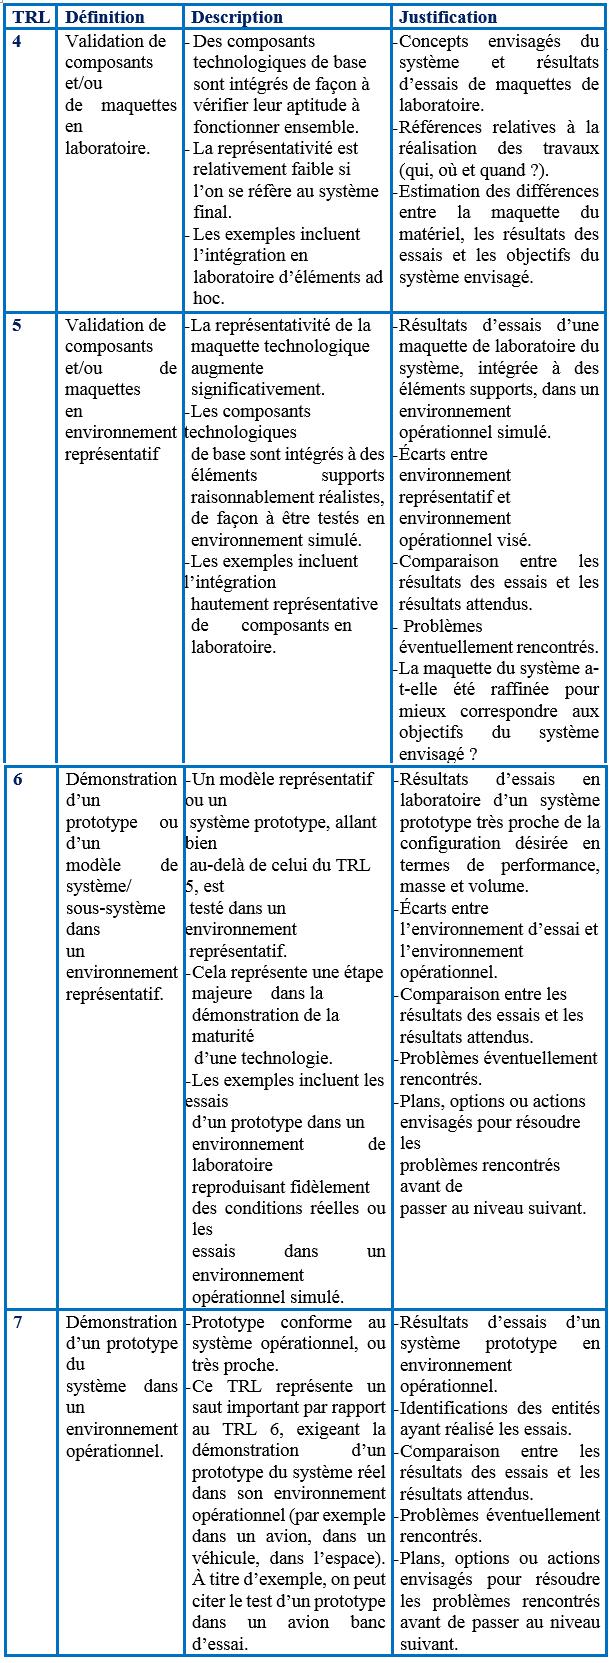 descriptif-des-echelles-trl-de-la-preuve-de-concept-demonstrateur